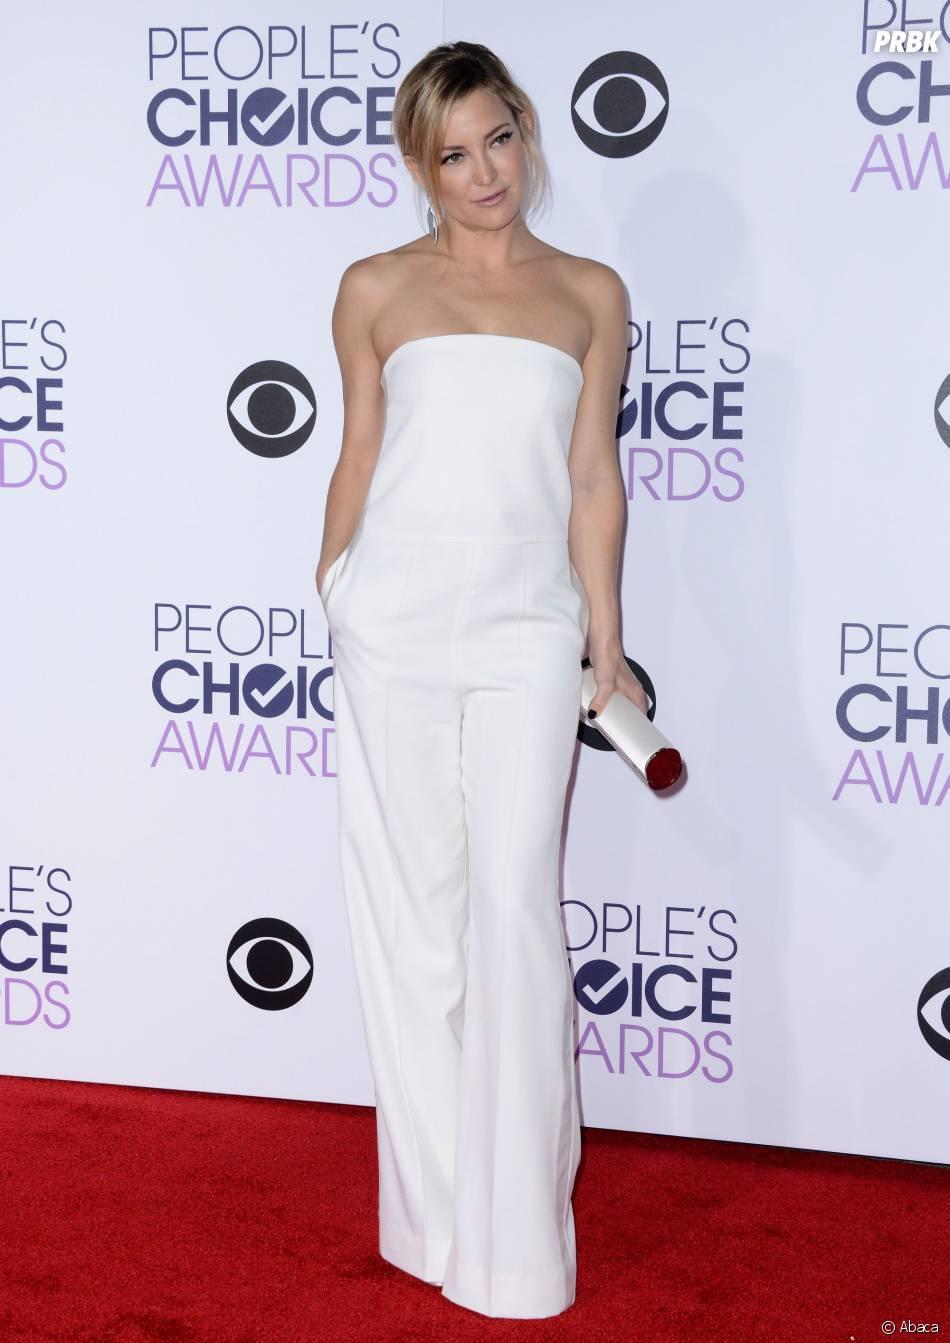 People's Choice Awards 2016 : Kate Hudson sur le tapis rouge le 6 janvier